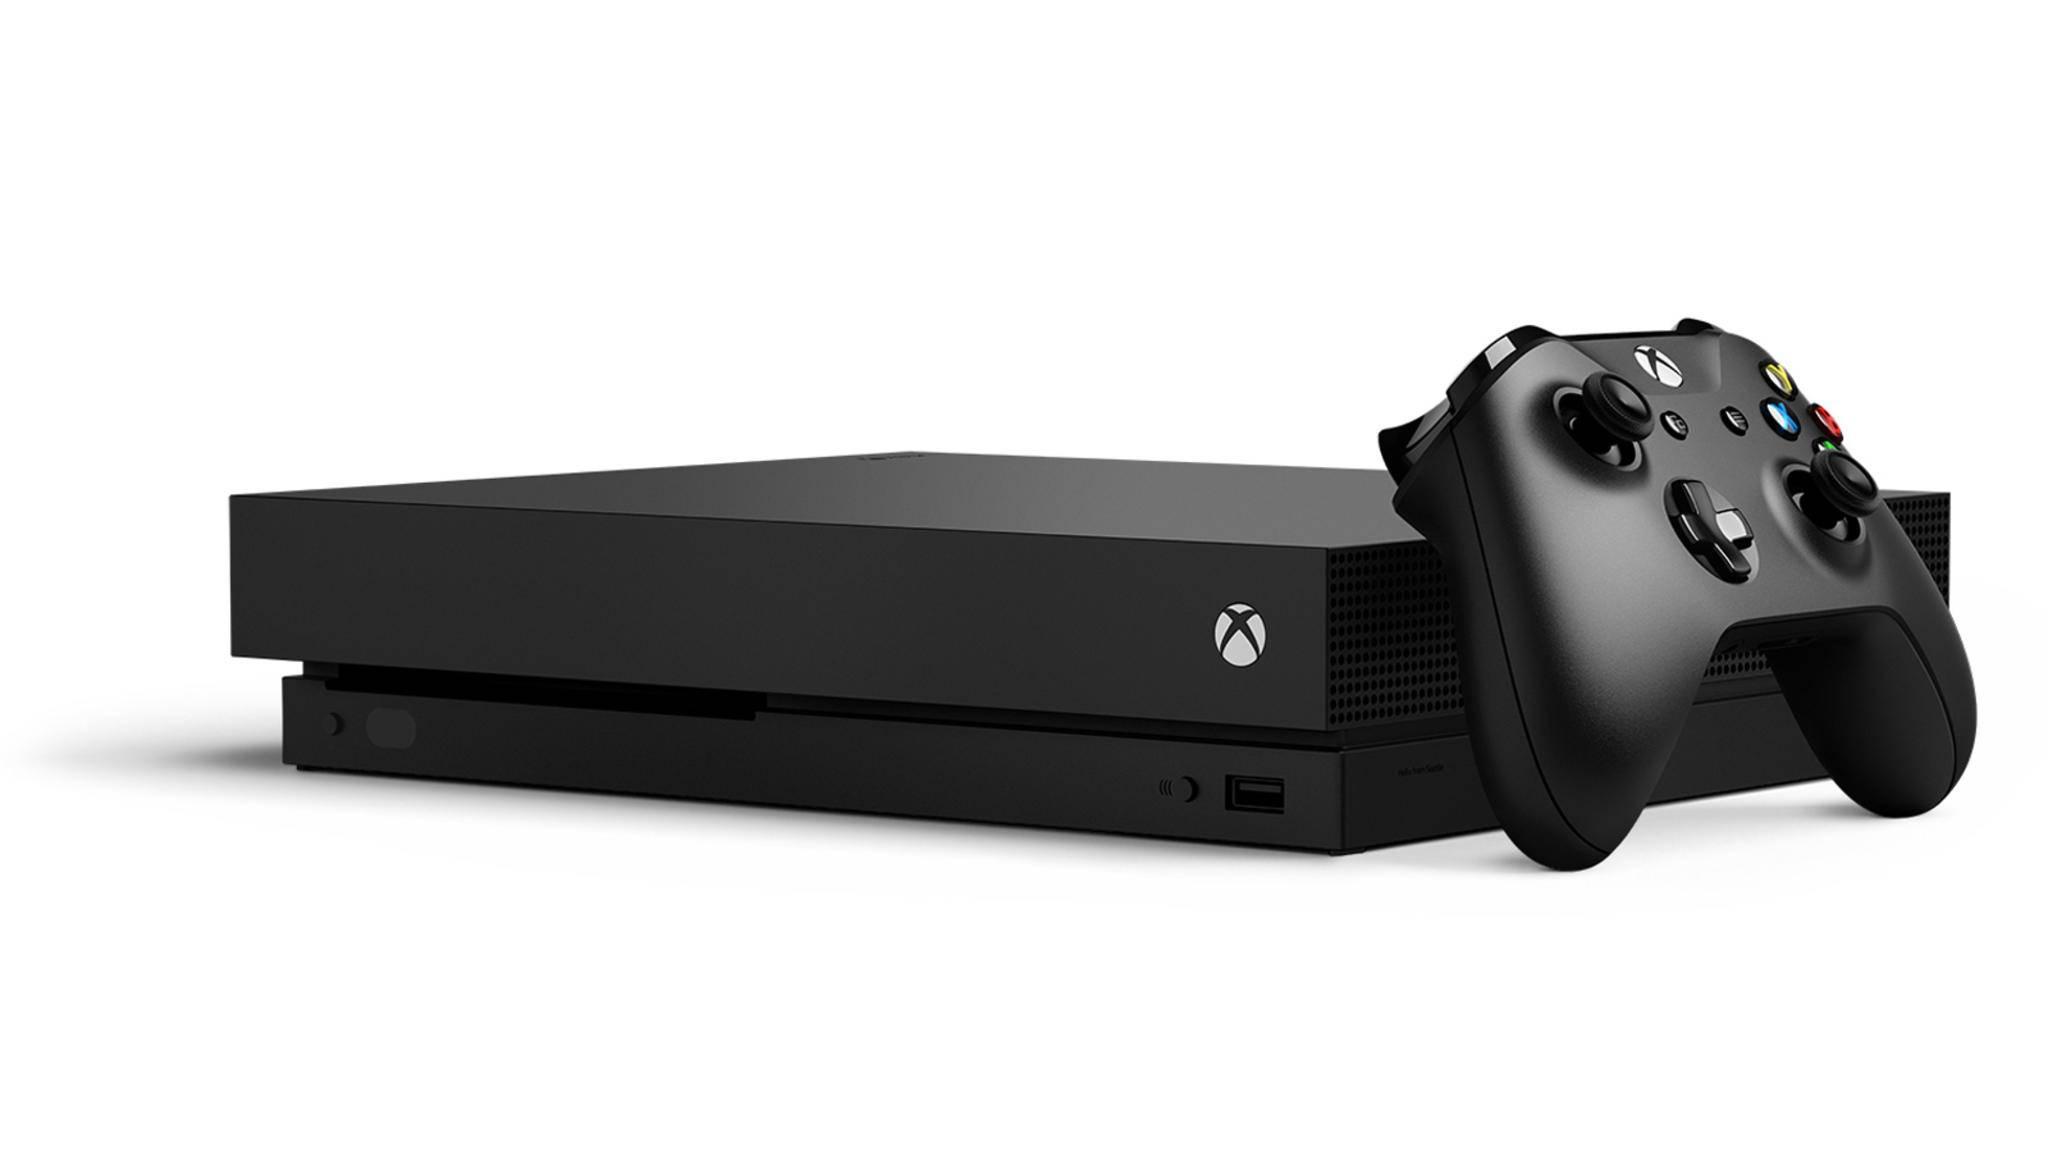 Übt der Release der Xbox One X am 7. November 2017 Druck auf Sony aus?